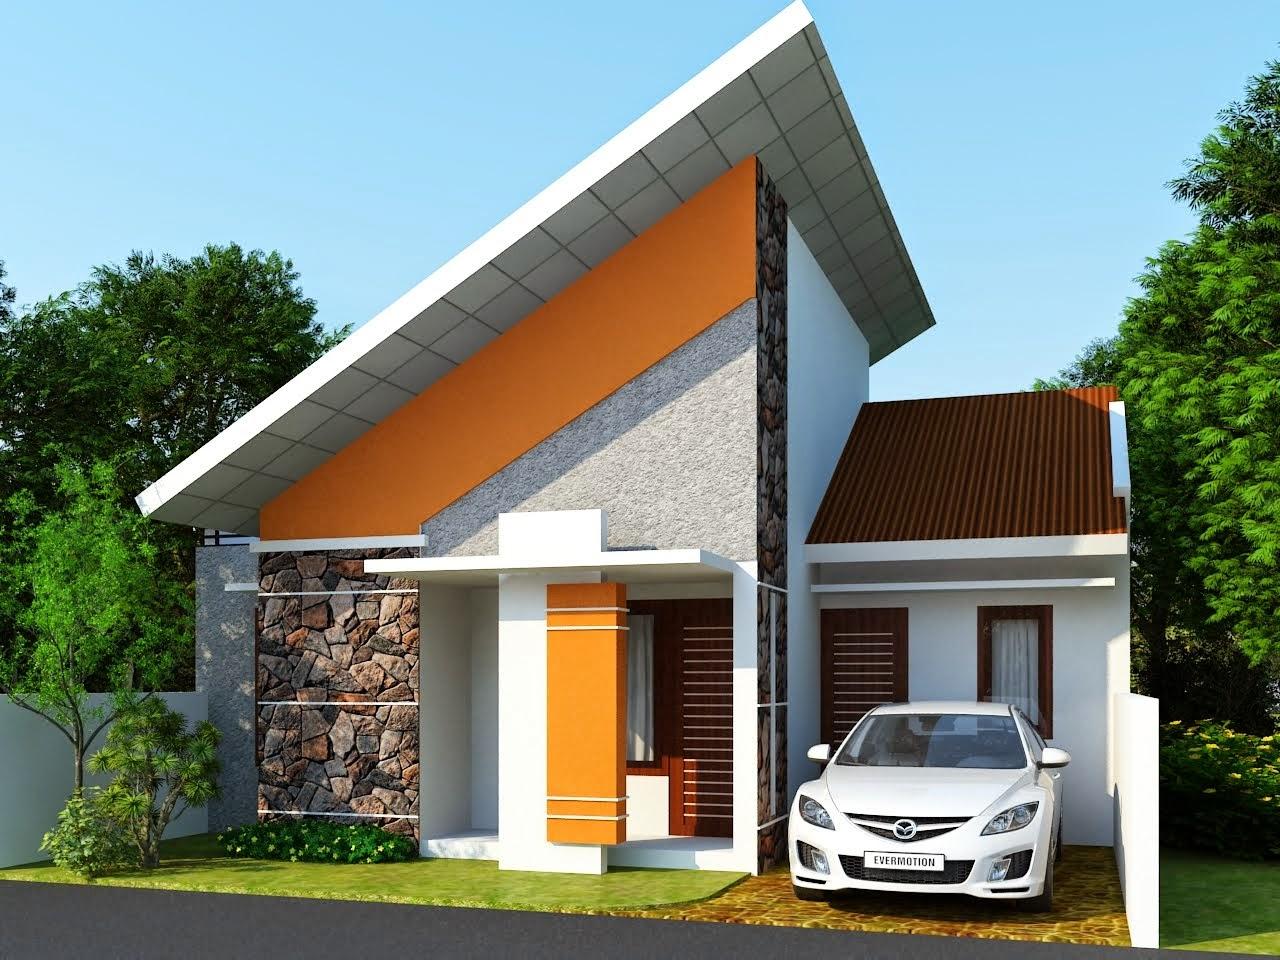 99 Contoh Model Gambar Desain Rumah Minimalis Sederhana Pedesaan